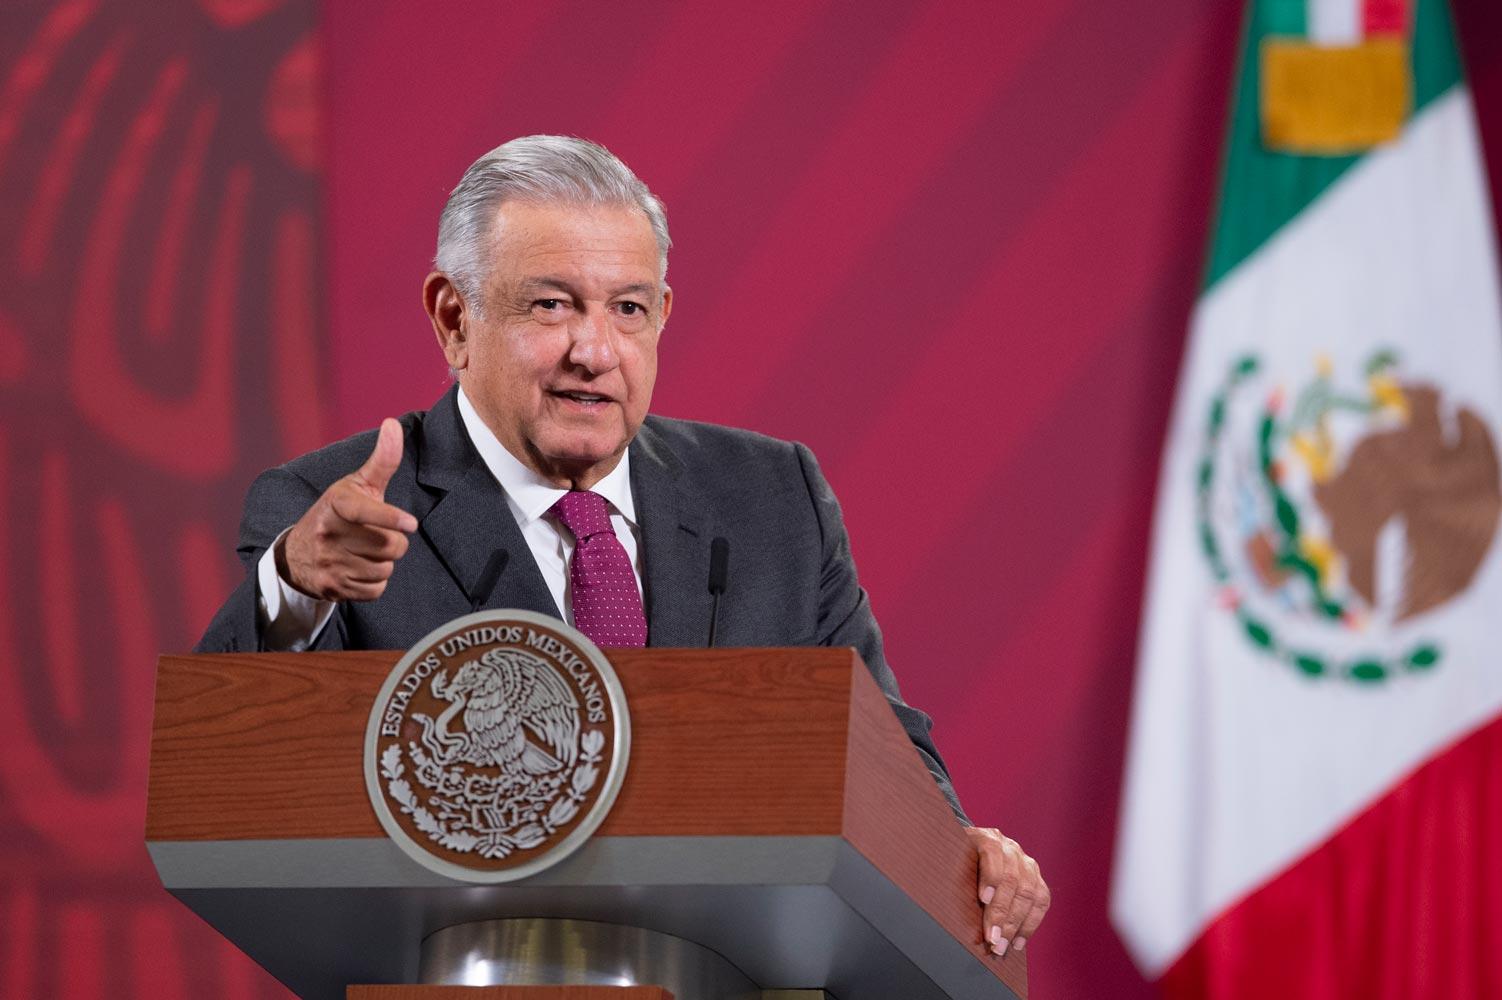 Autoridades mexicanas será quien juzgue al General Cienfuegos con apego a la verdad y sin influyentíismos: AMLO